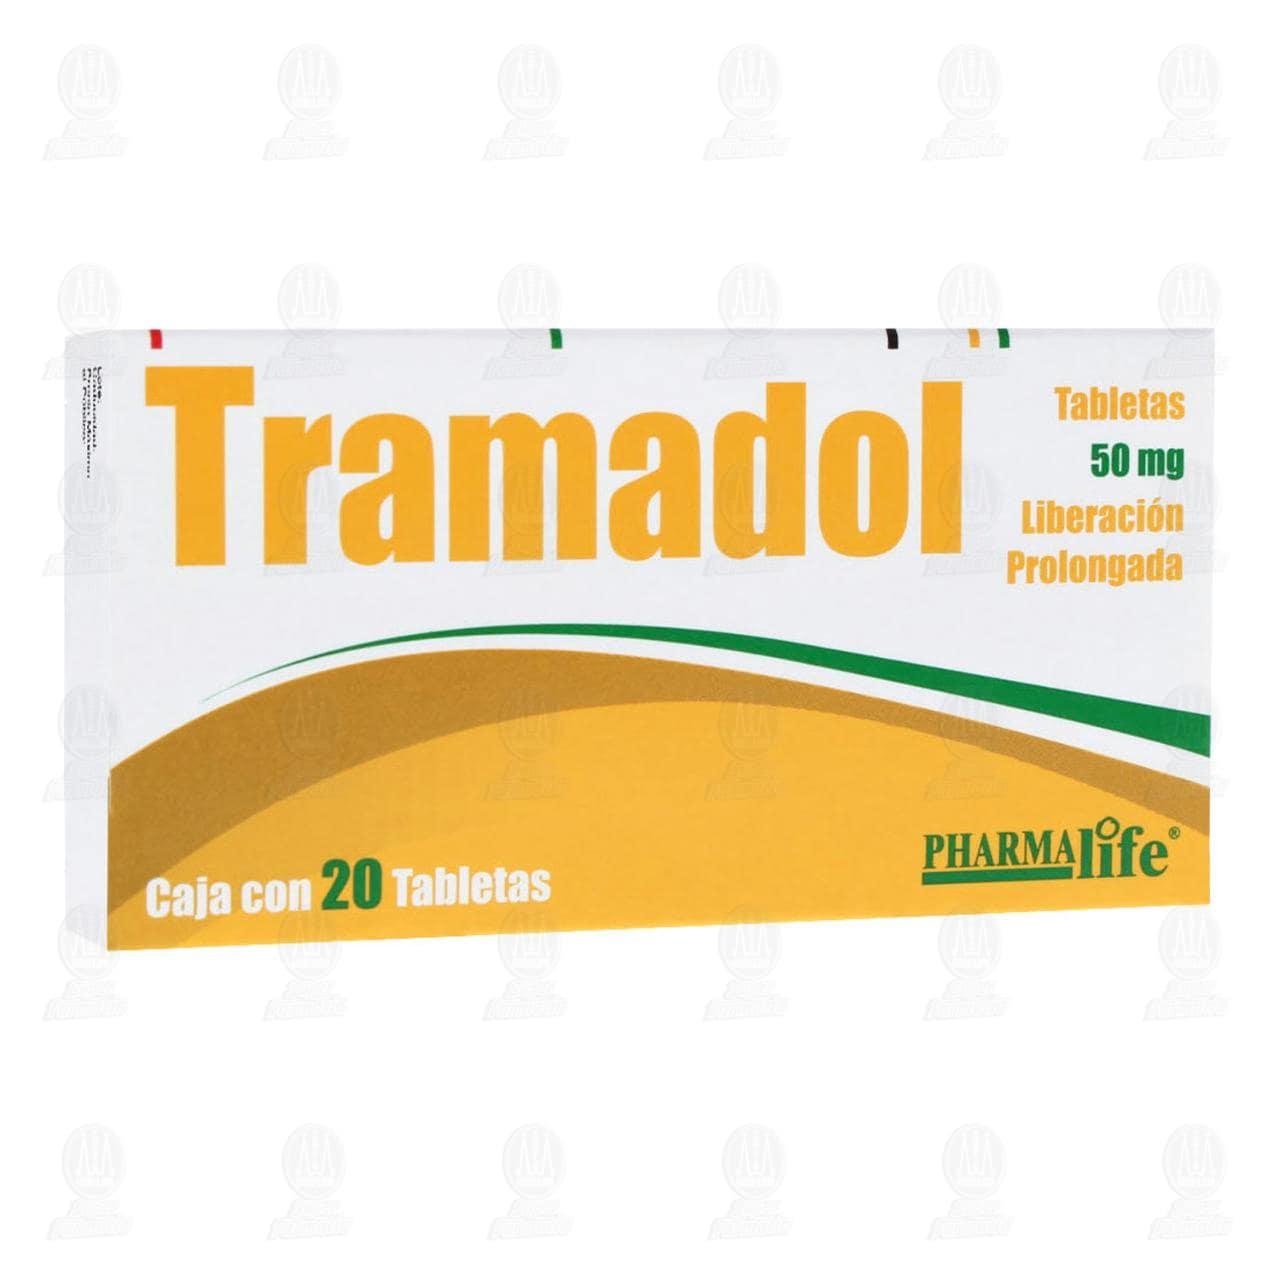 Comprar Tramadol 50mg 20 Tabletas Liberación Prolongada en Farmacias Guadalajara